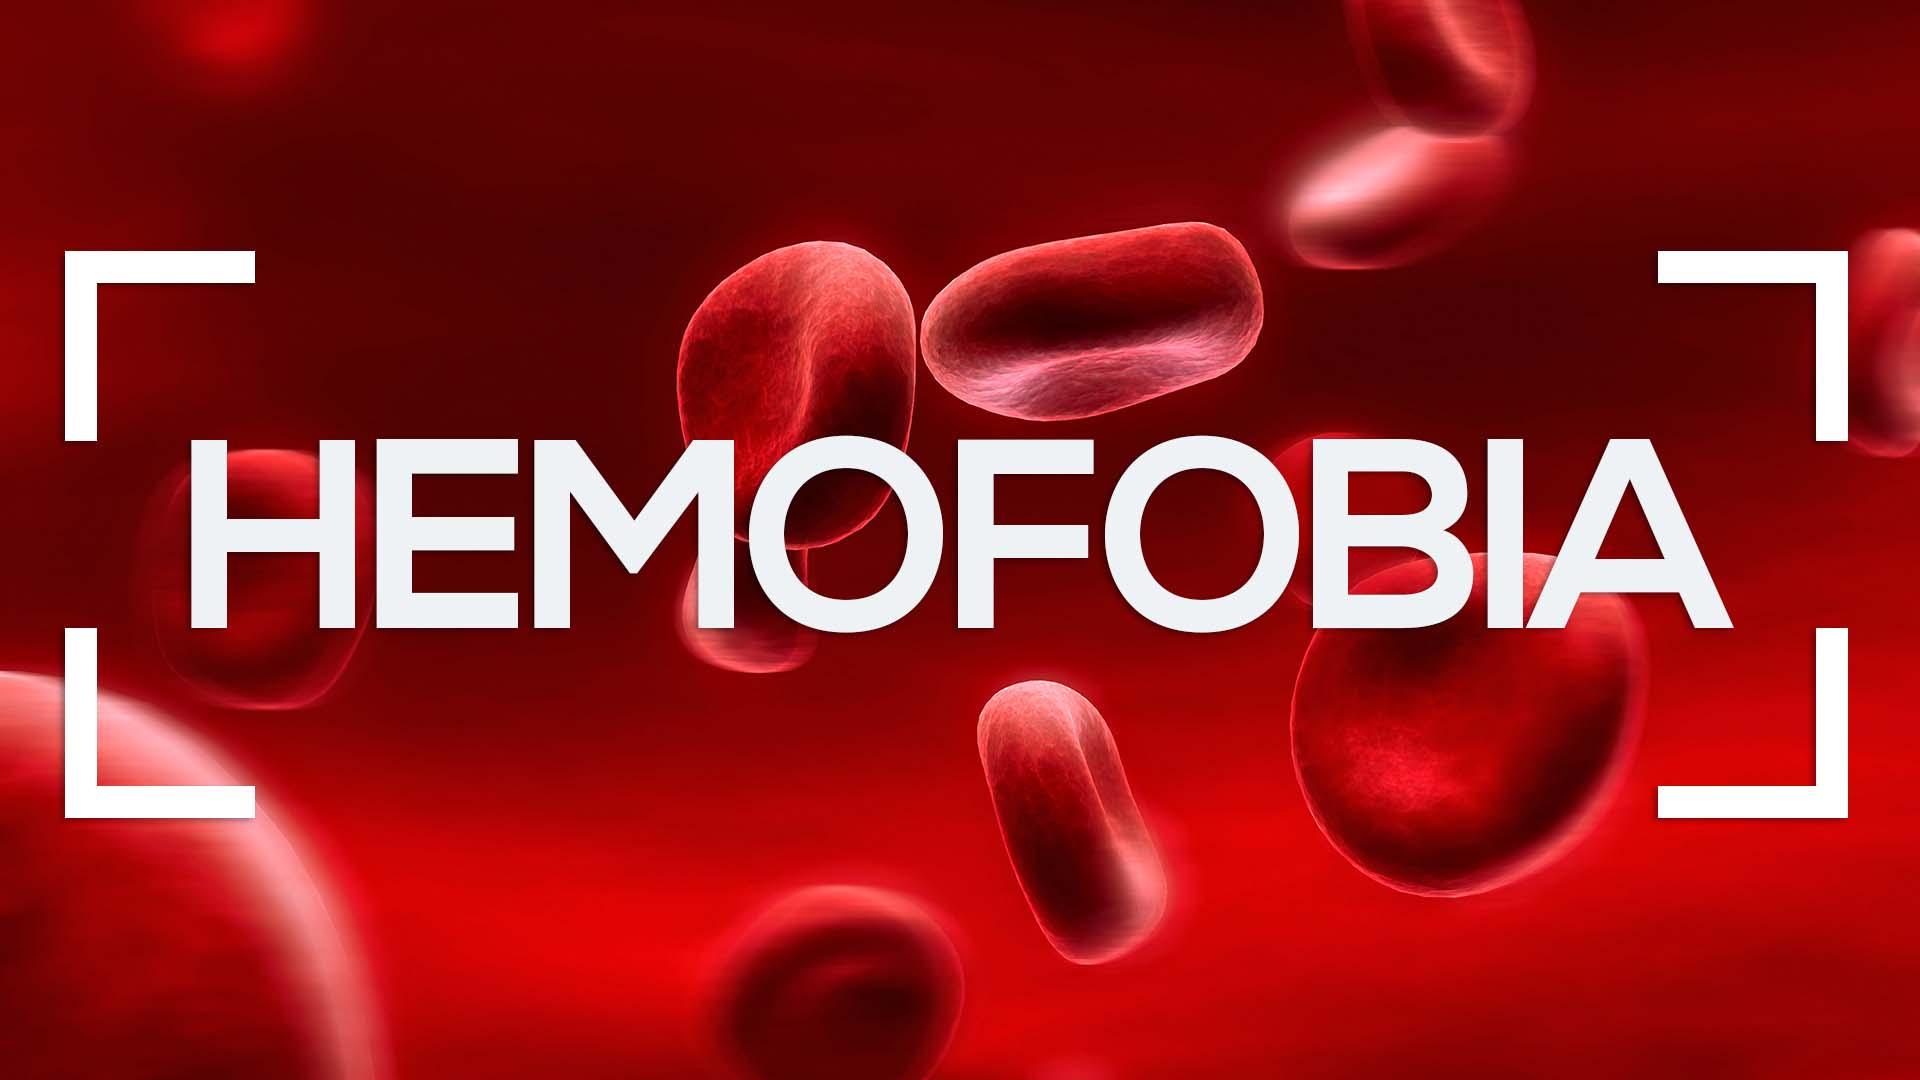 Se muestran glóbulos rojos y la palabra hemofobia